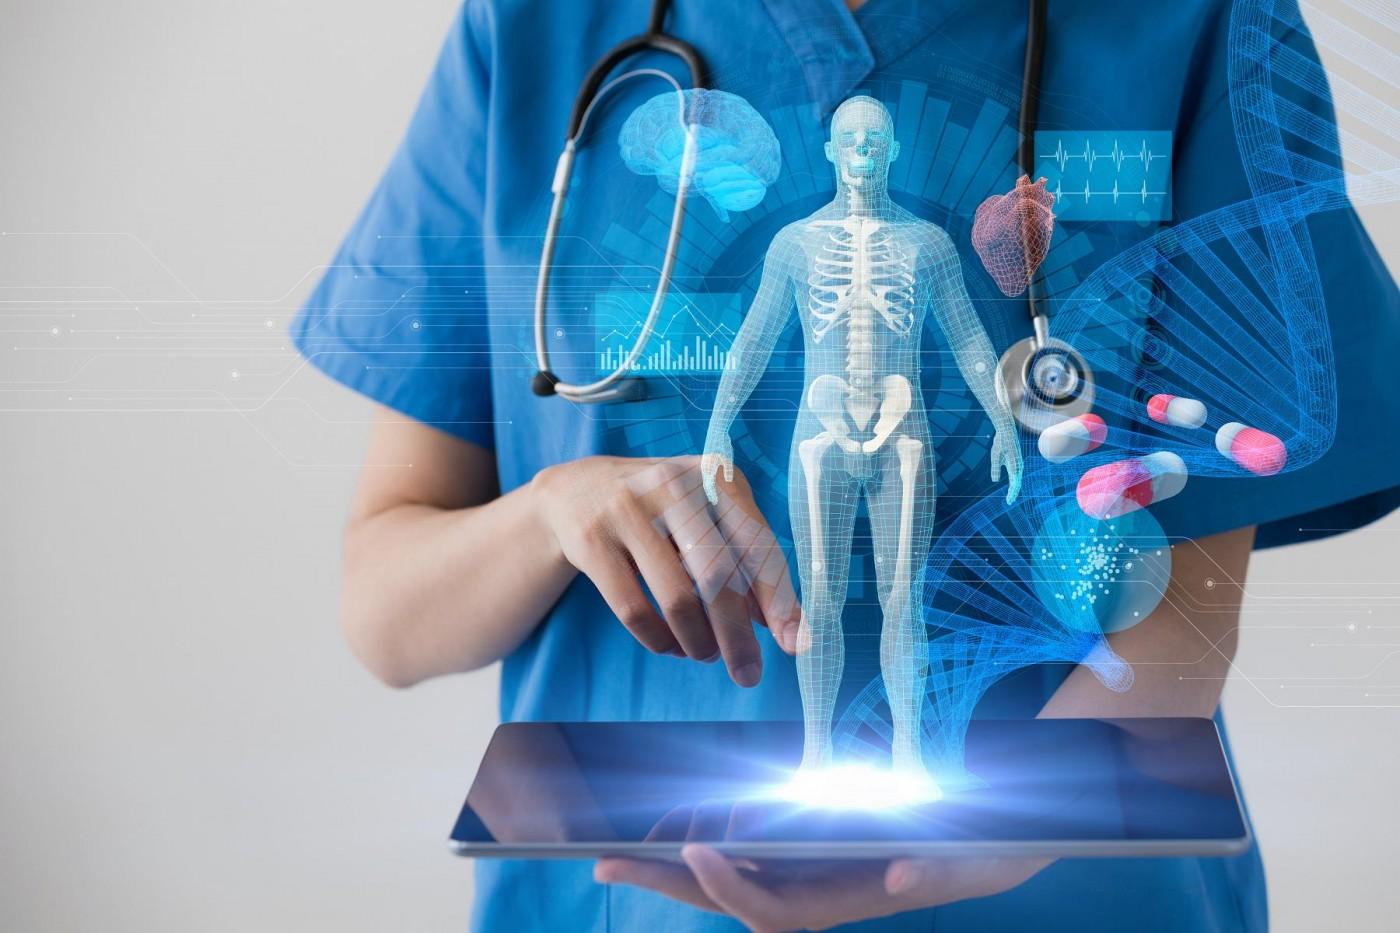 廣達攻智慧醫療戰略,技術長張嘉淵:看好AI輔助醫生